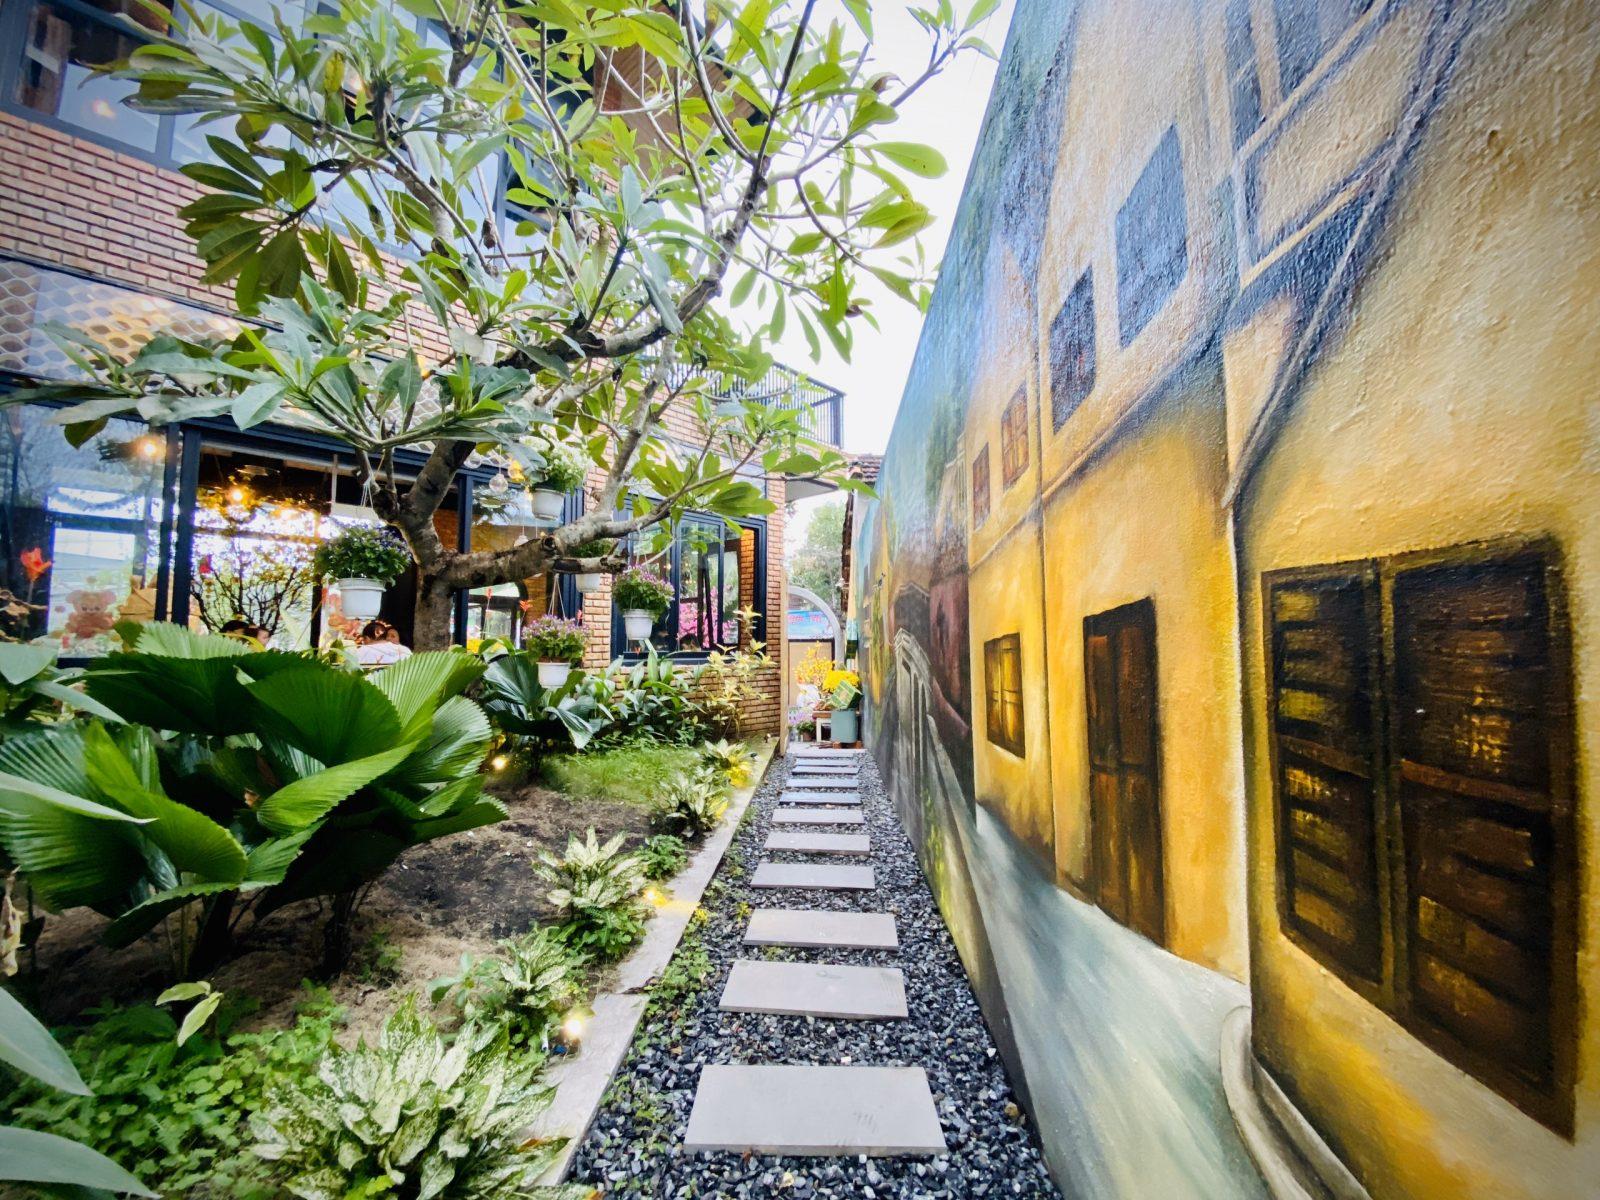 Nghệ thuật xếp gạch tuyệt tác của quán cafe ở Đà Nẵng